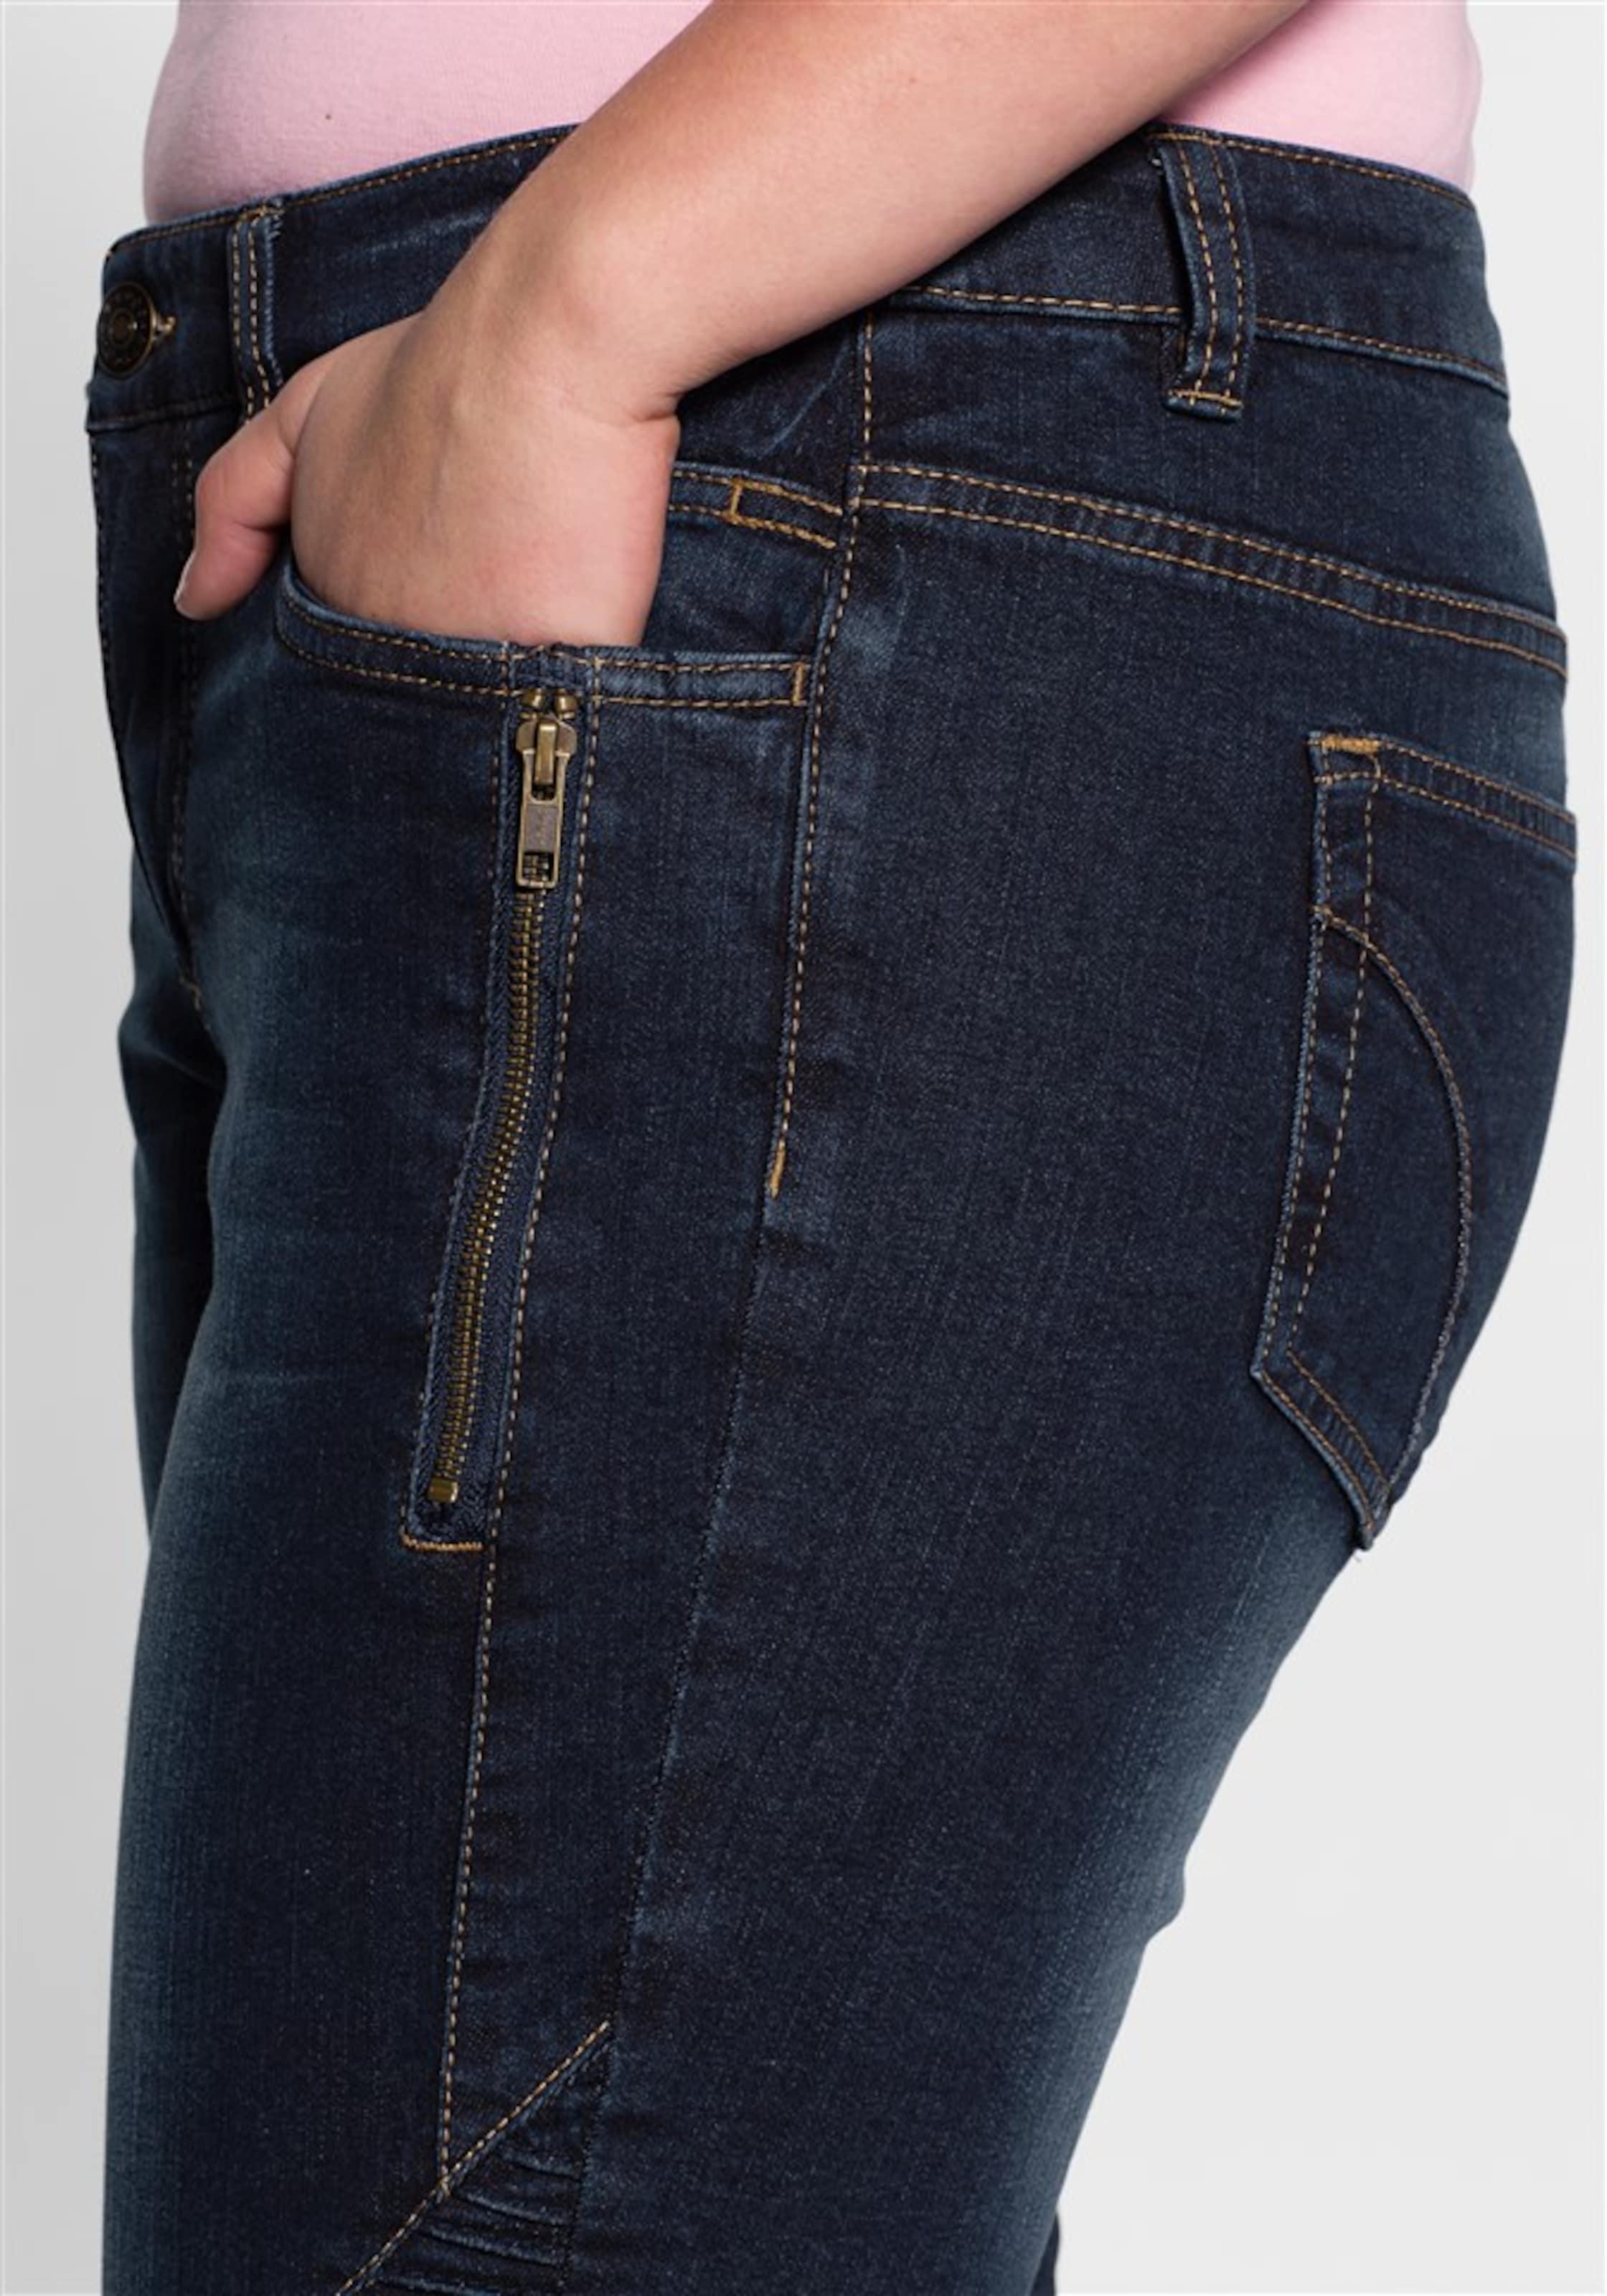 sheego denim Stretch-Jeans Billig Verkauf Blick Beste Online Online-Shopping-Spielraum 2018 Neuer Online-Verkauf lnYDV